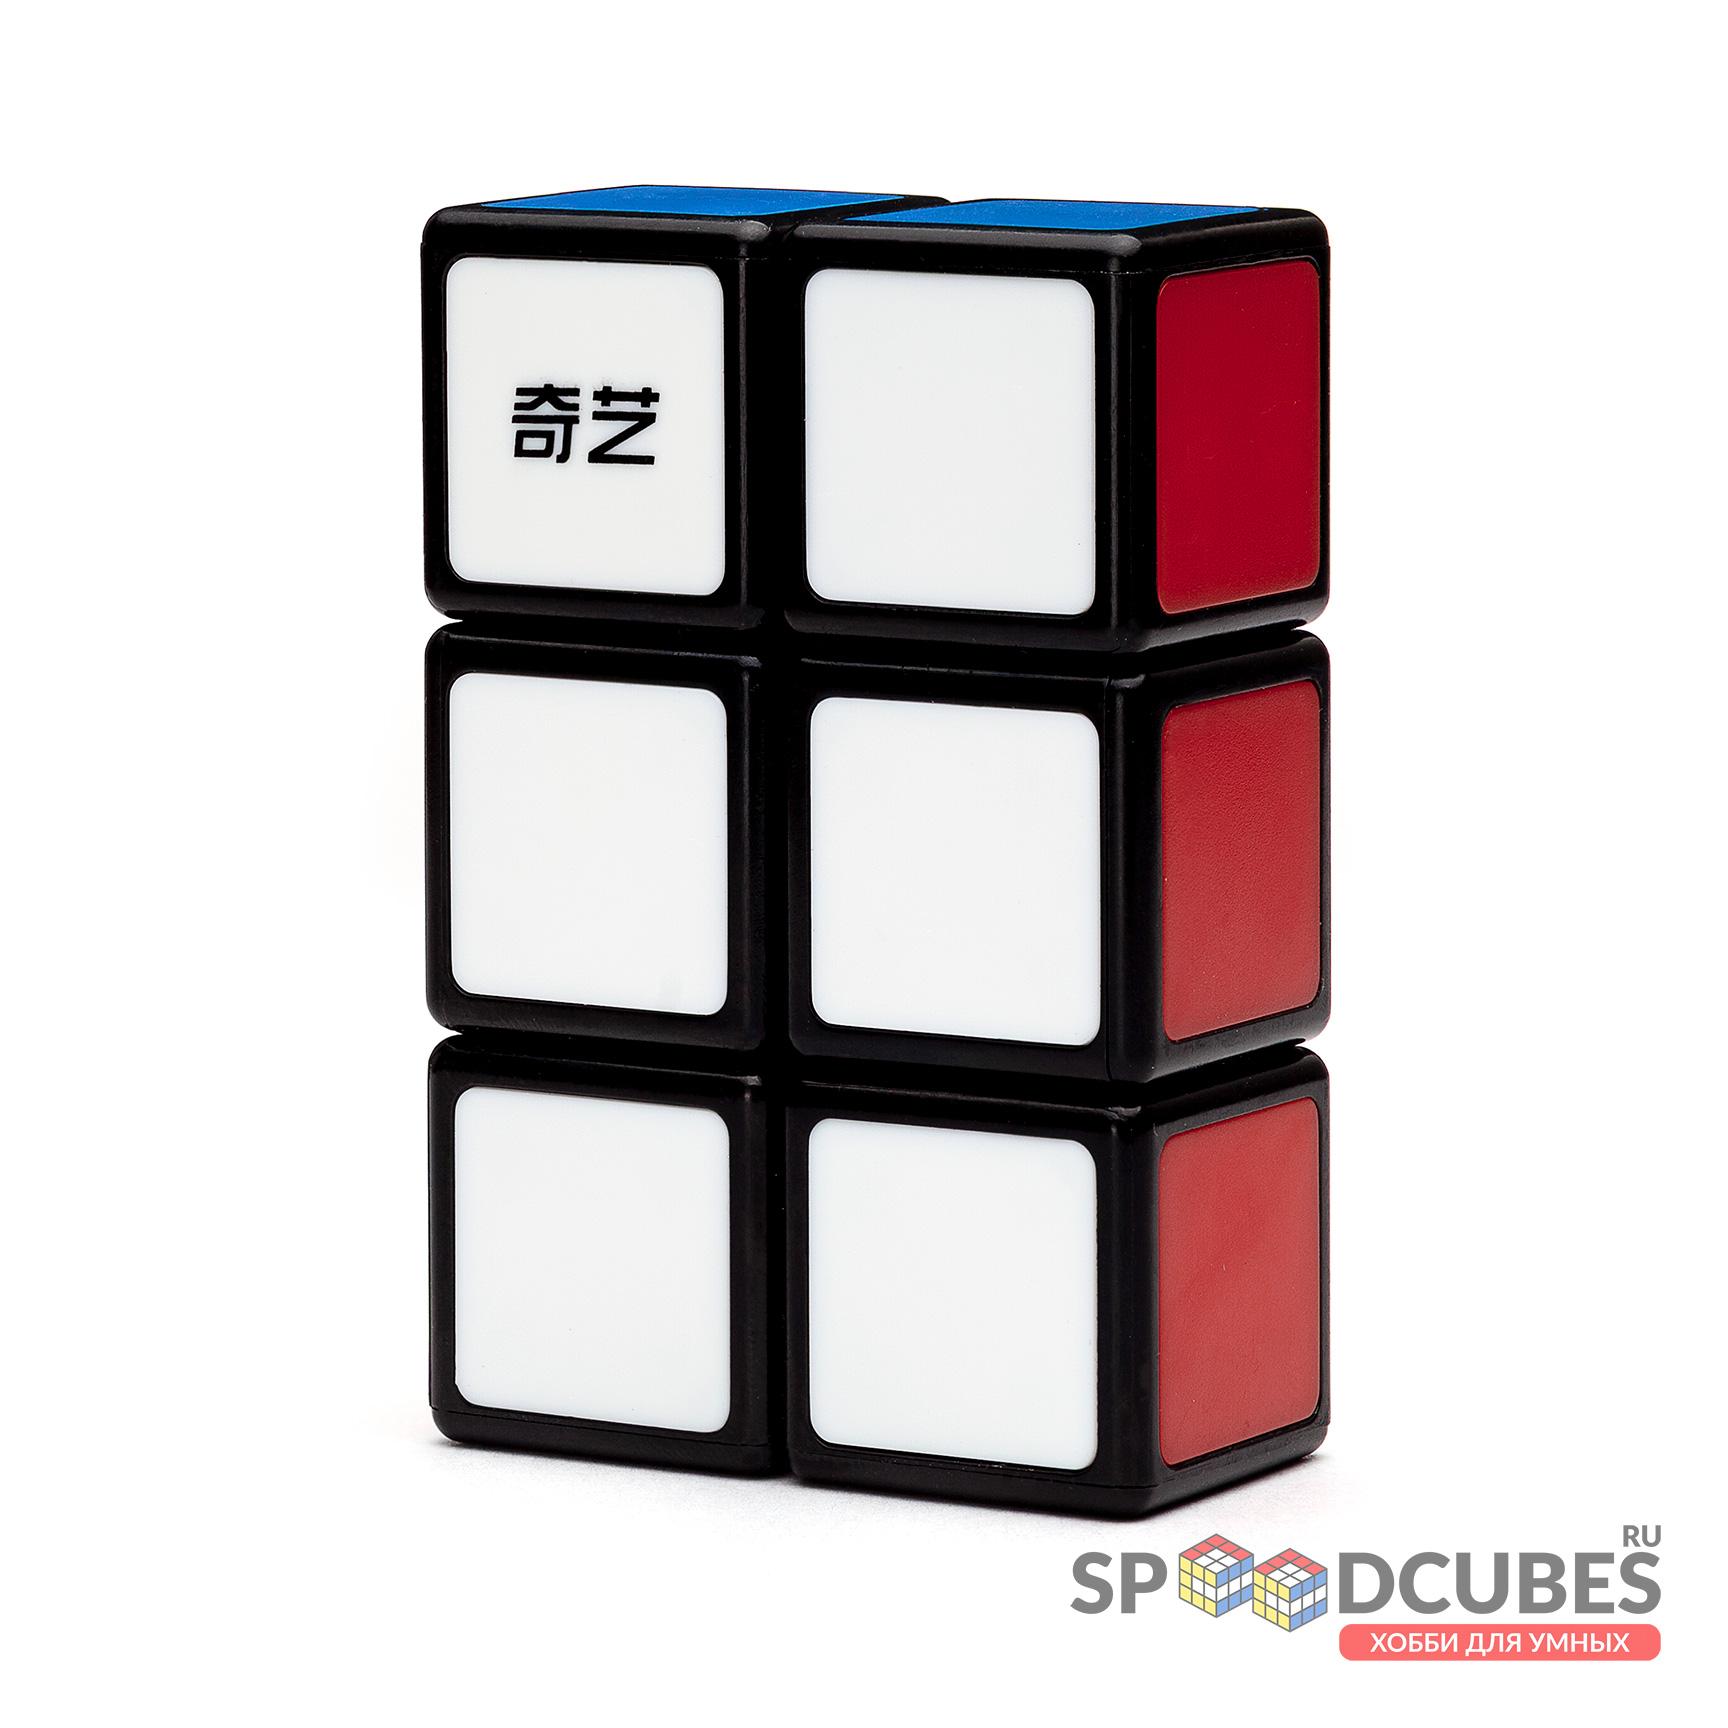 QiYi (MoFangGe) 1x2x3 Floppy